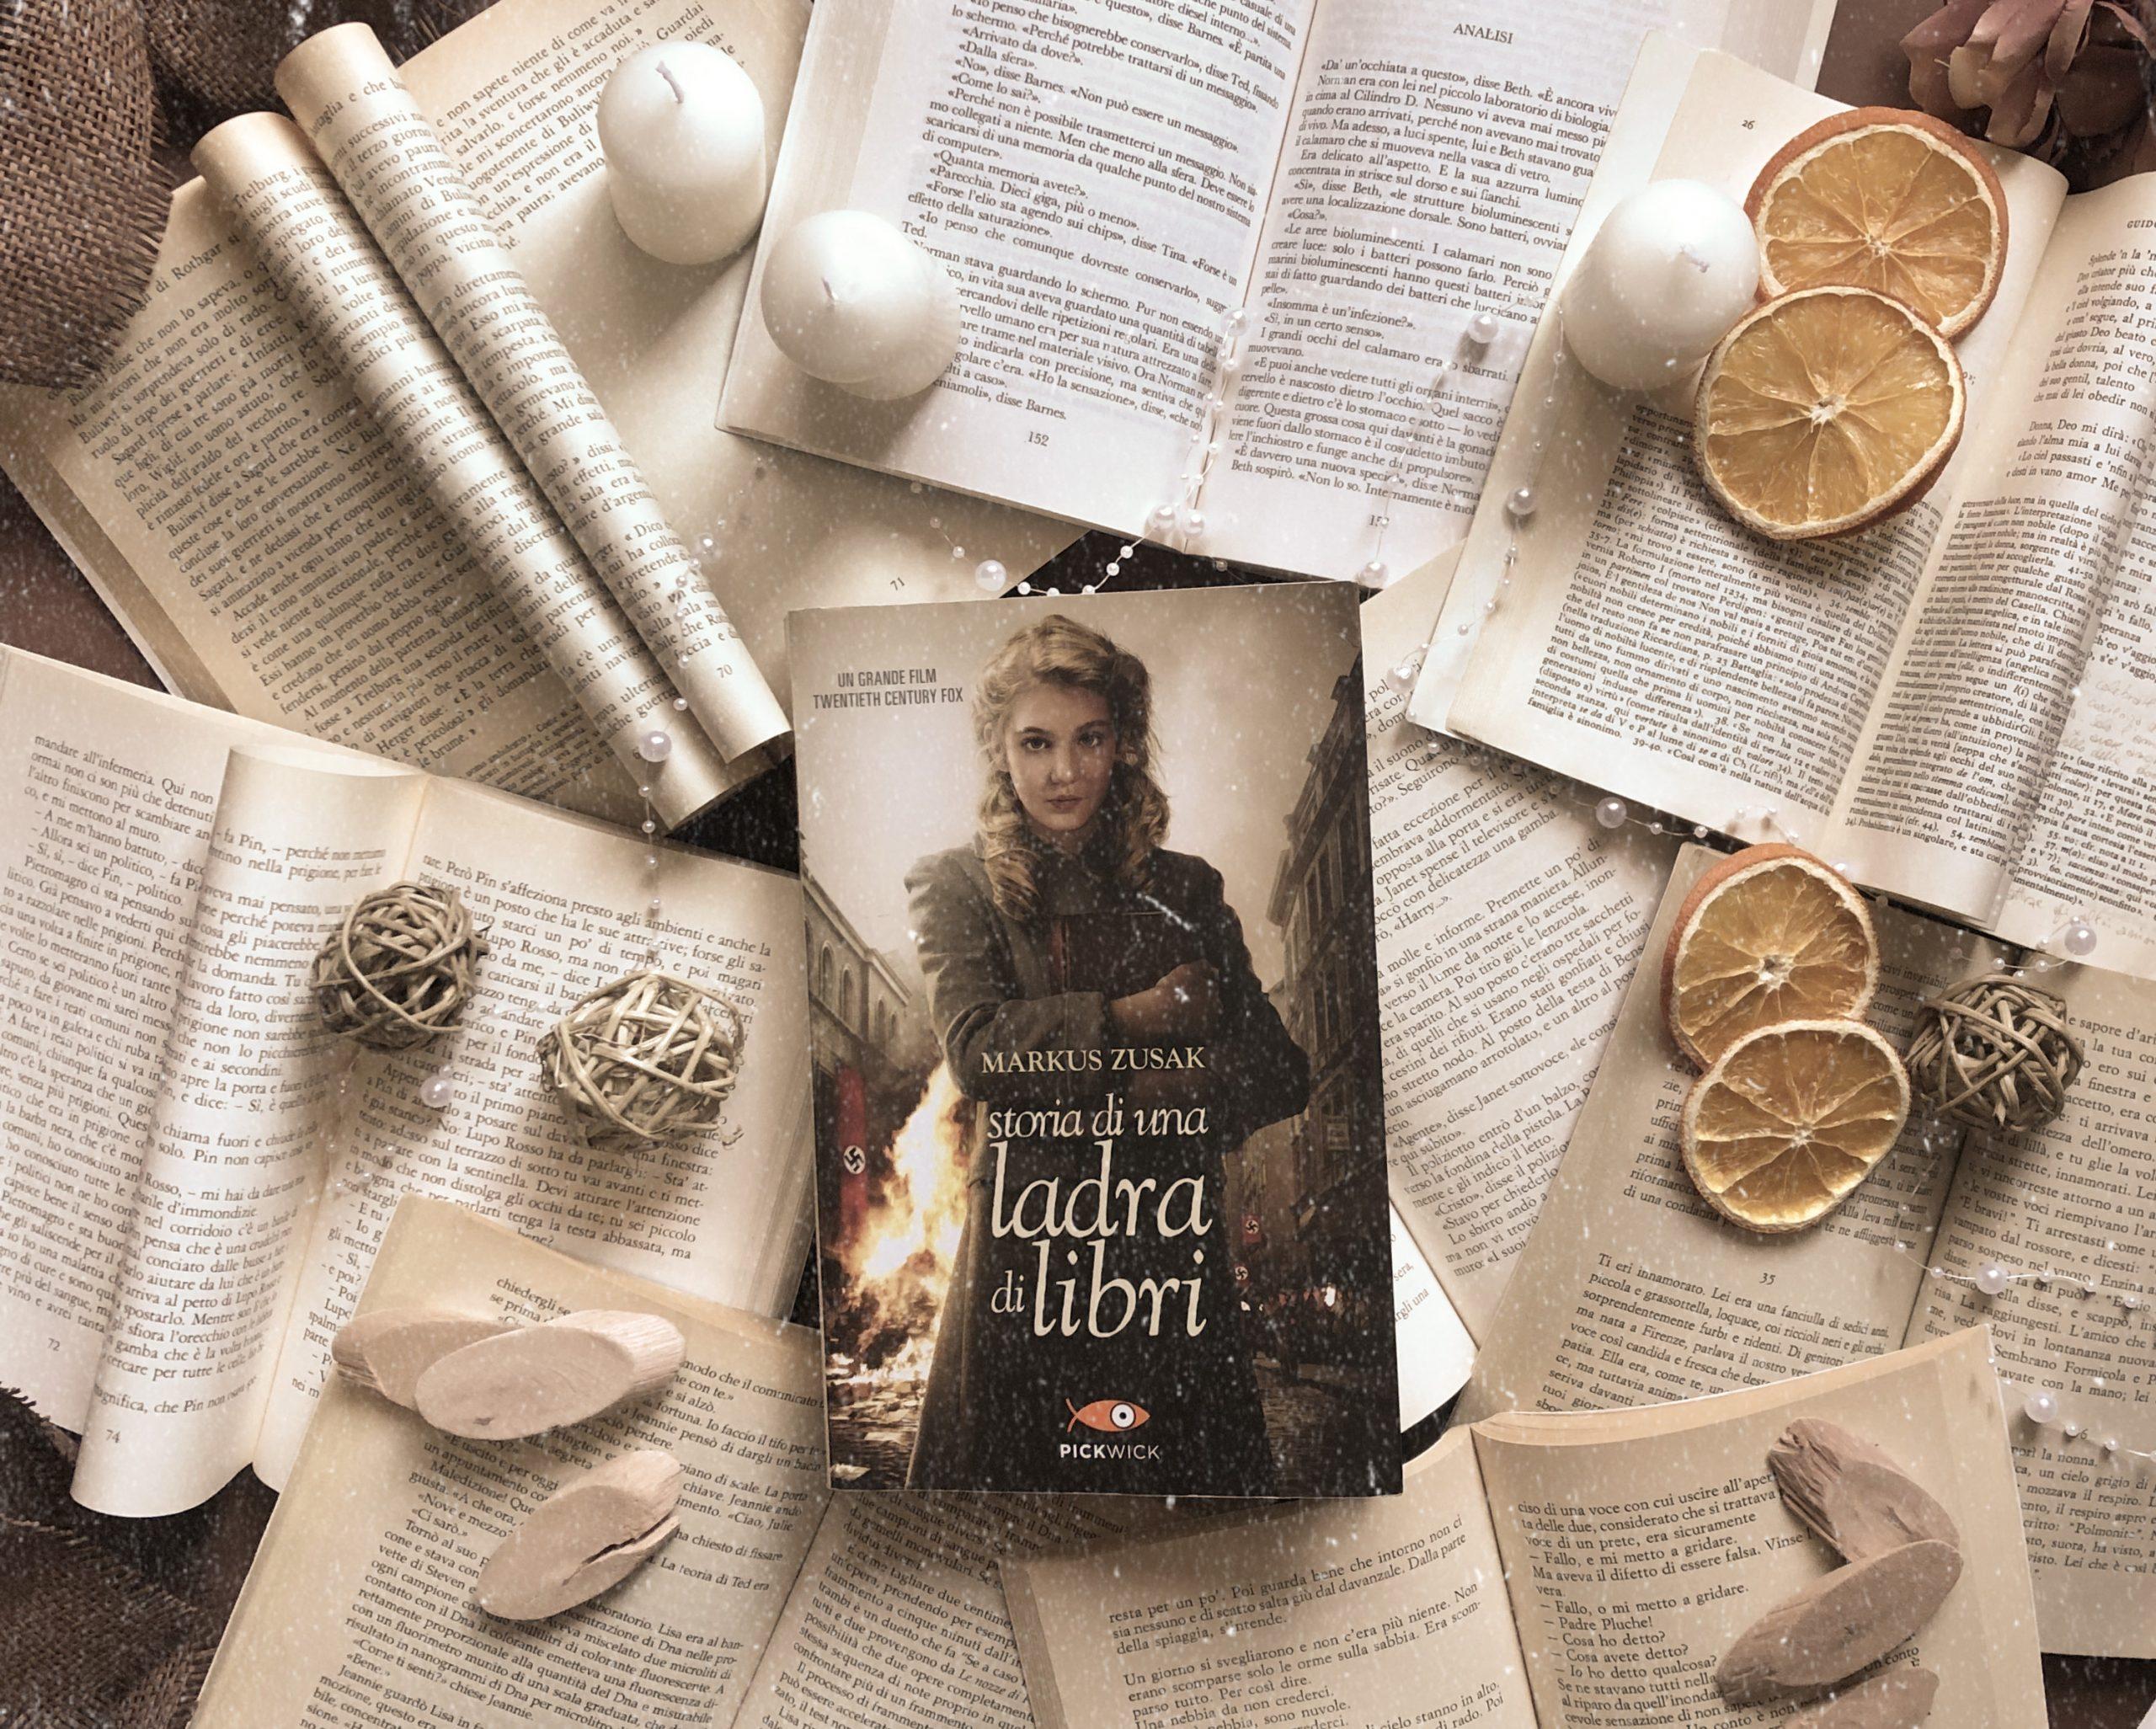 Storia di una ladra di libri – Markus Zusak